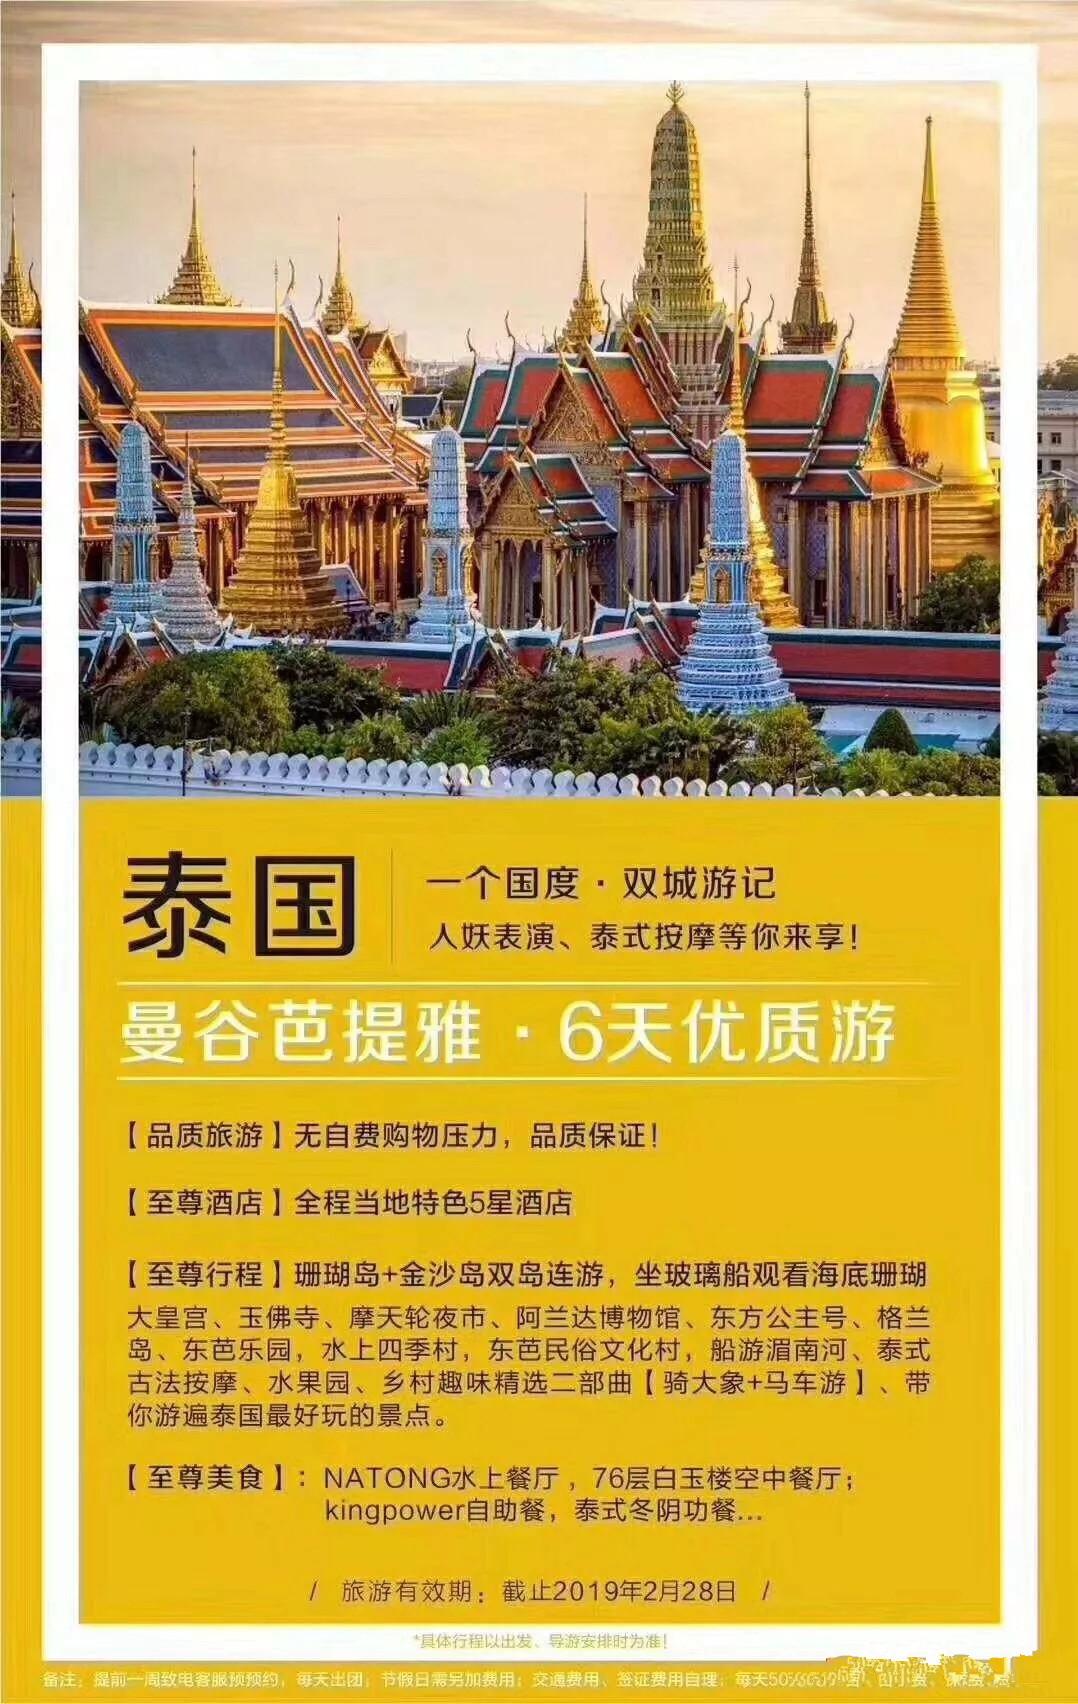 案例|中亚国旅与幸福码头共谋情人节活动——旅游卡掀起热潮